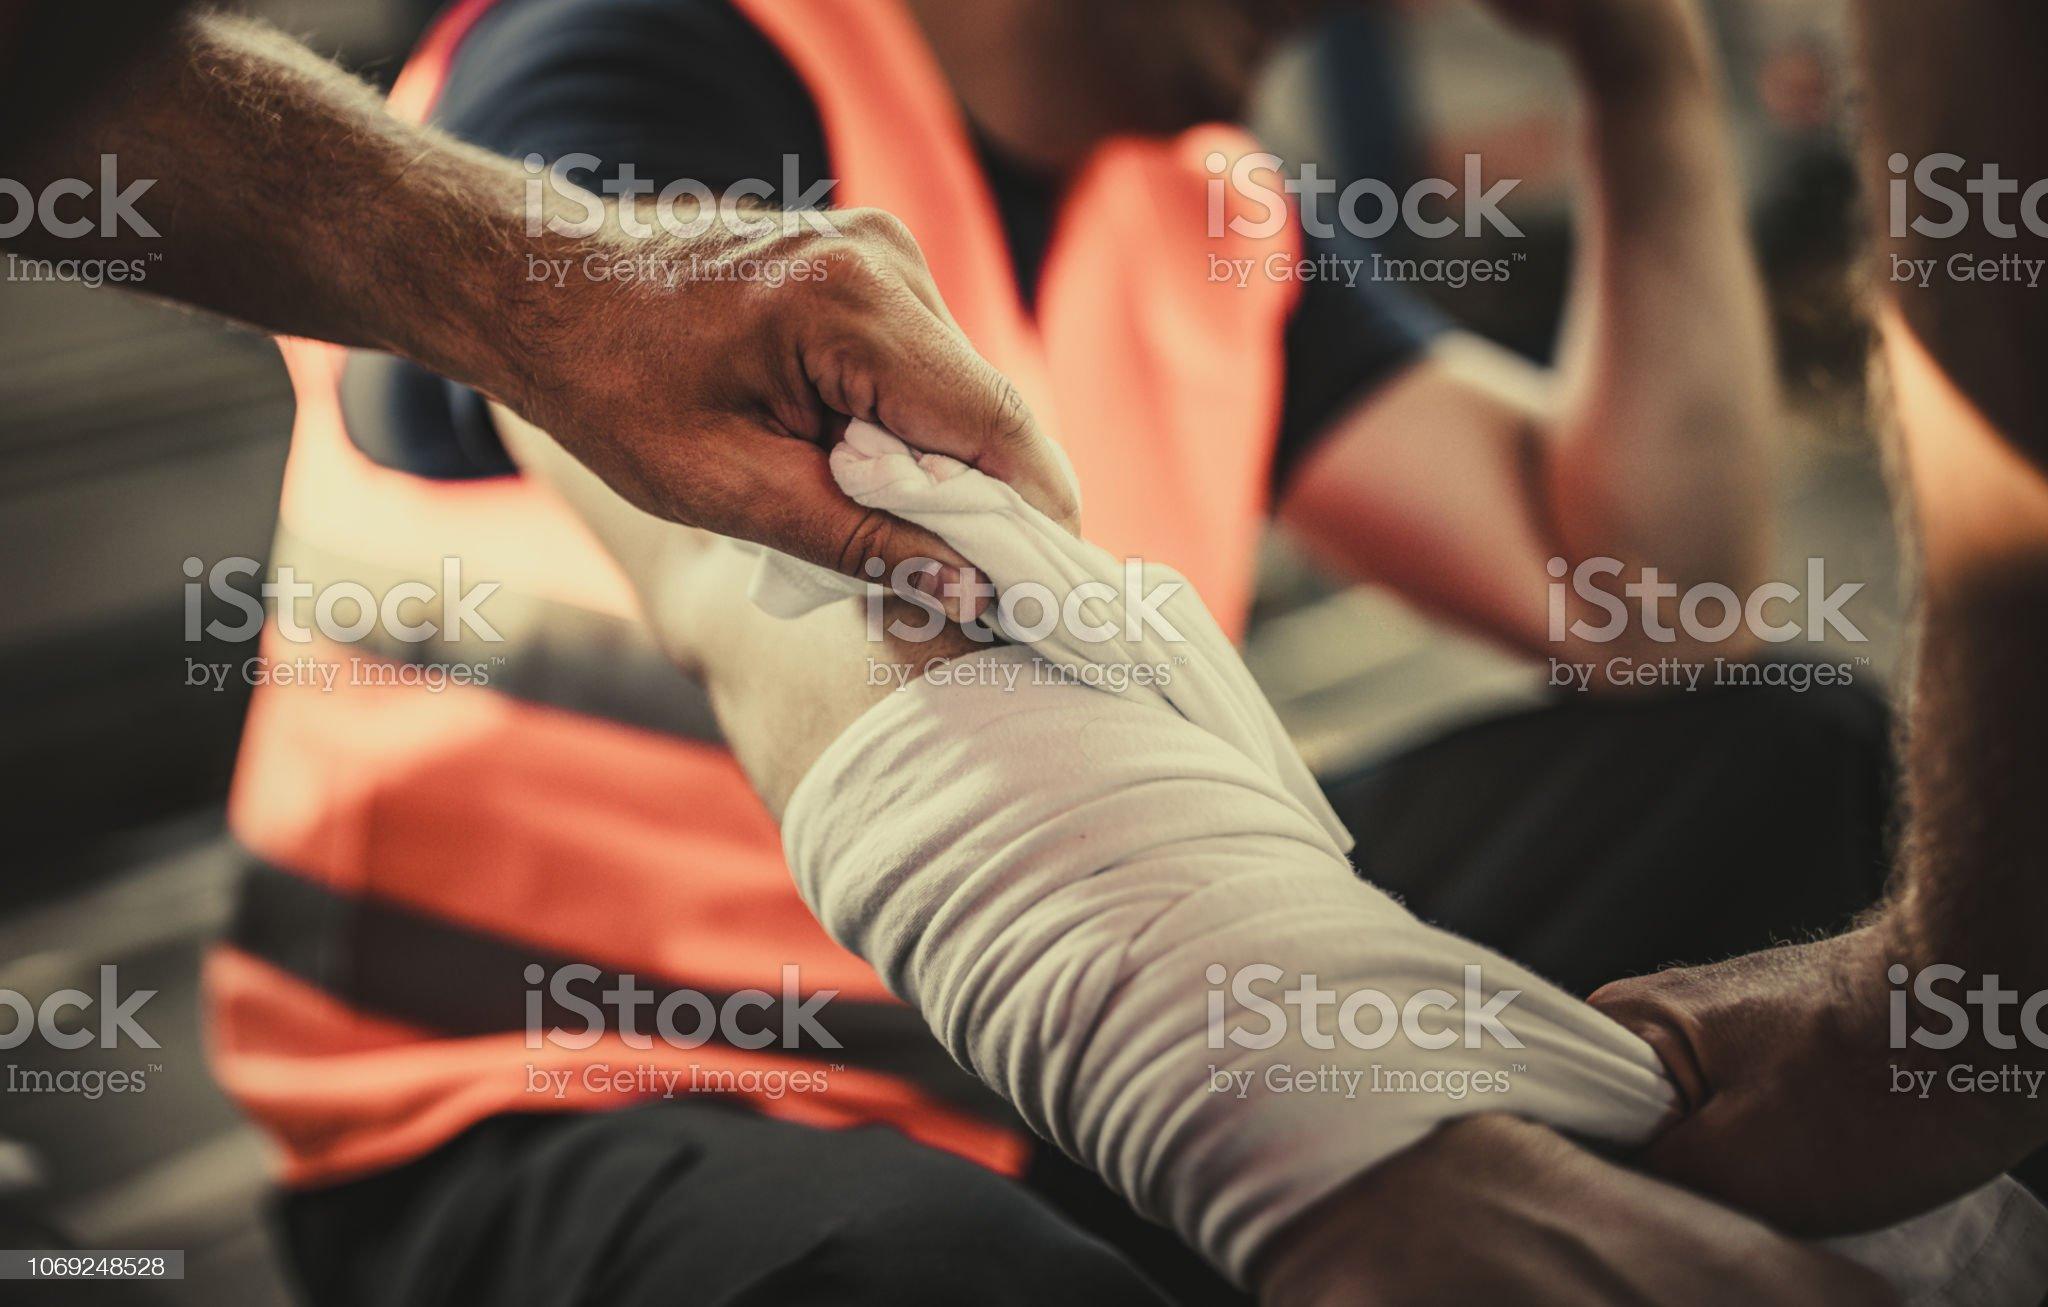 Cuidando de dano físico no trabalho! - Foto de stock de Dano Físico royalty-free